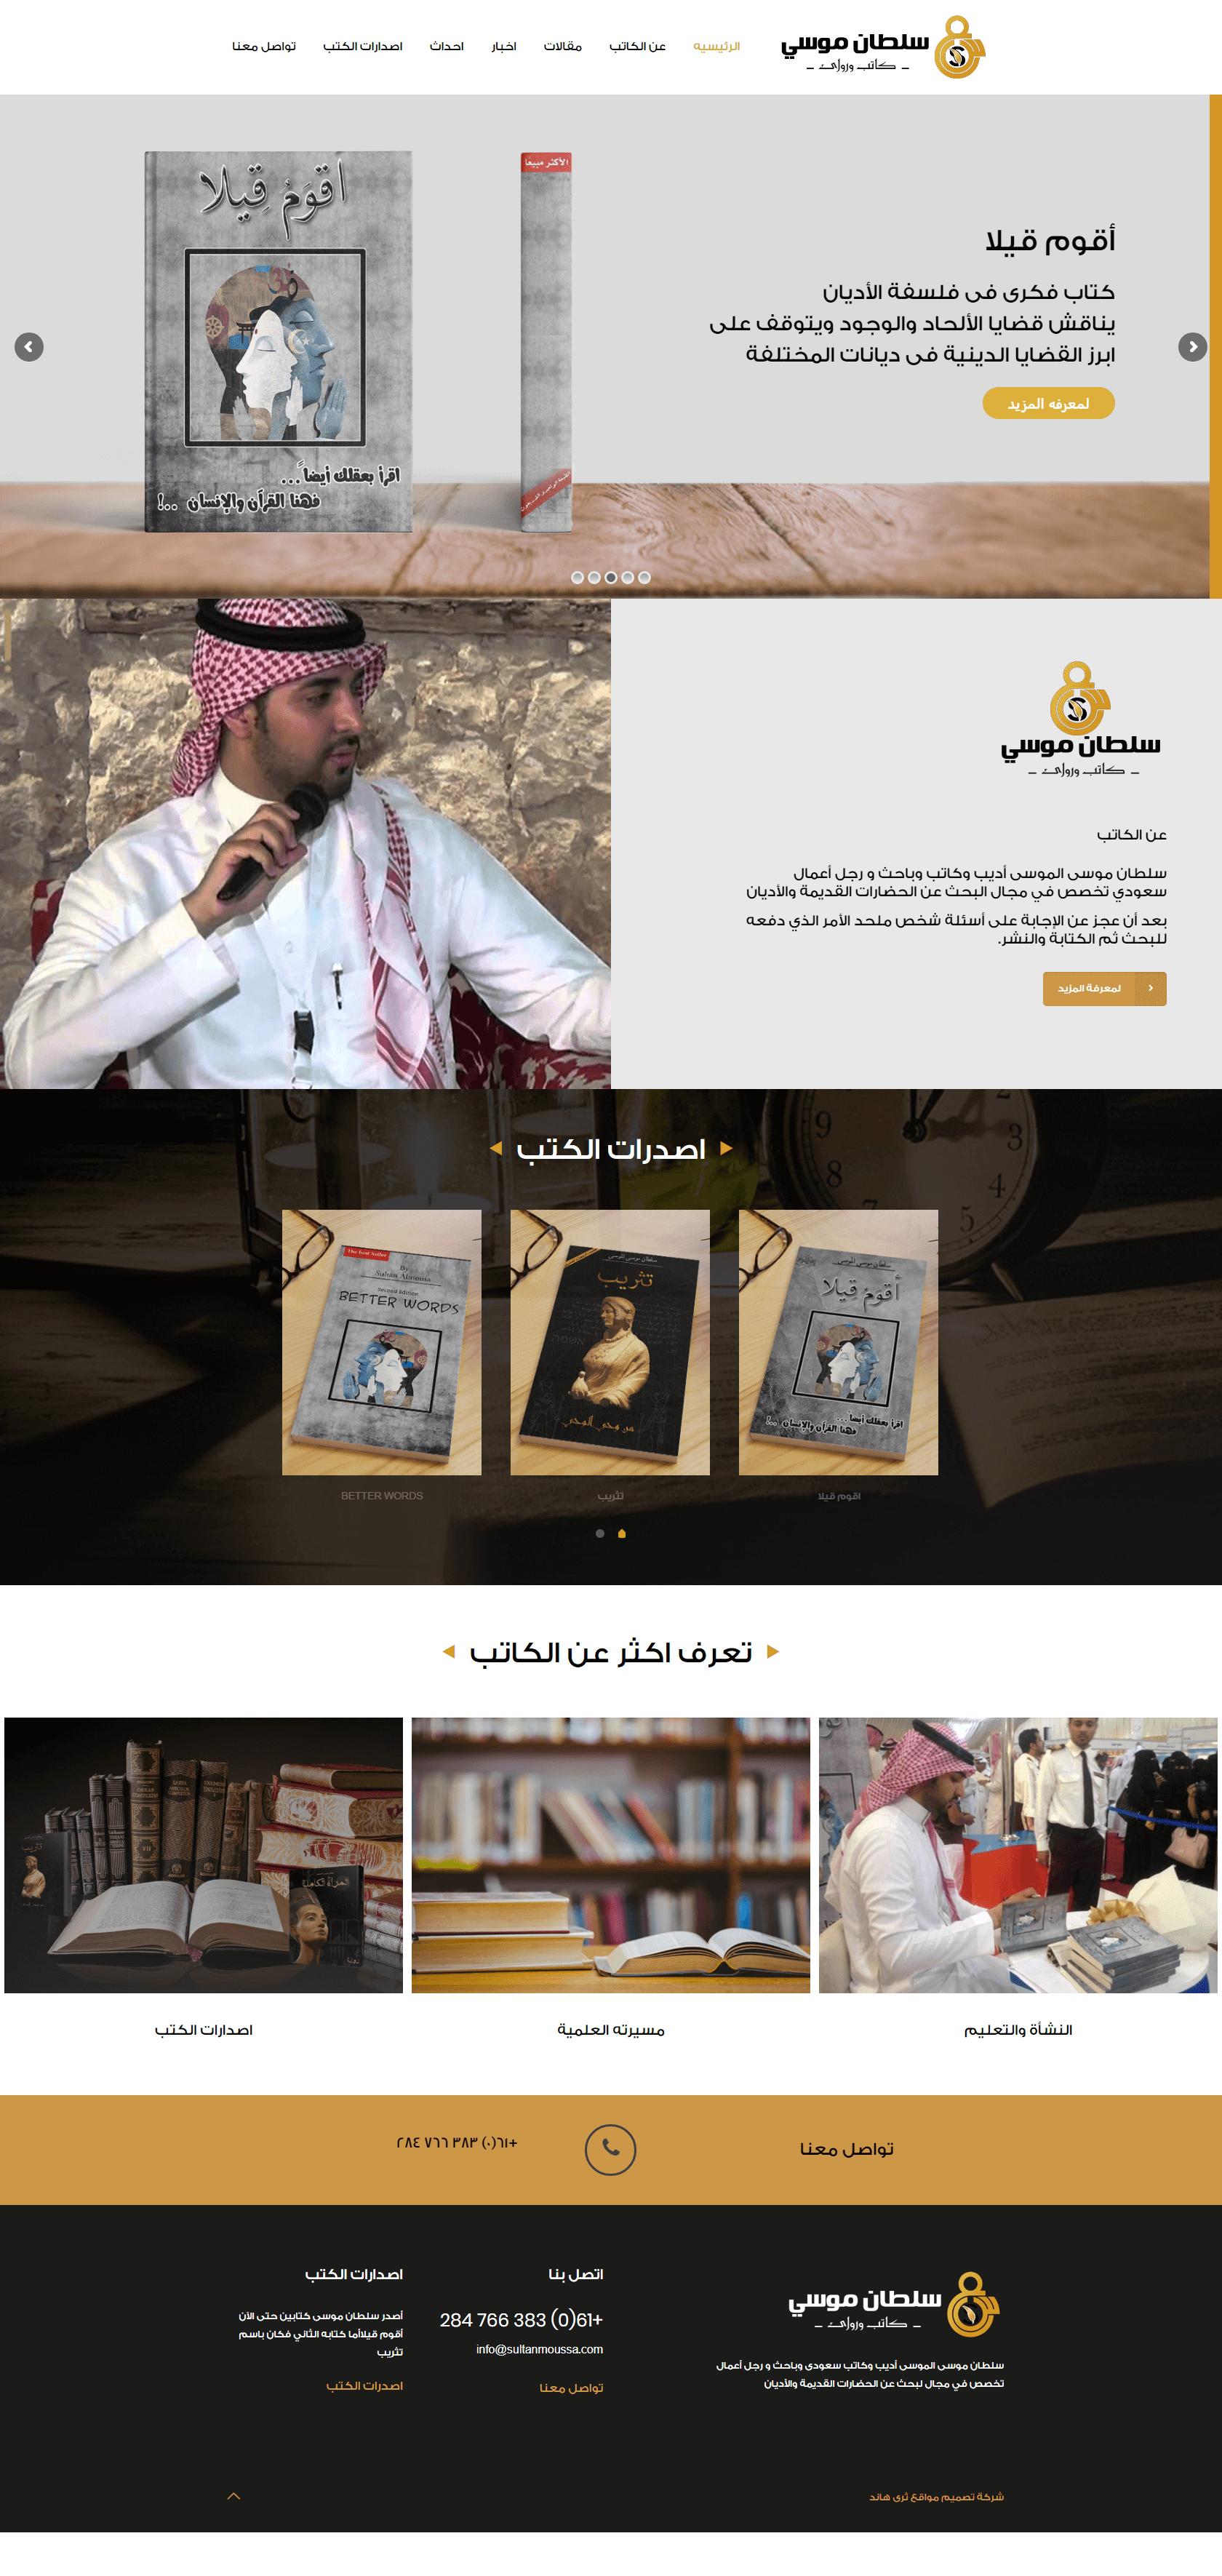 سلطان-موسى-الموسى-–-أديب-وكاتب-وباحث-و-رجل-أعمال-سعودي-2